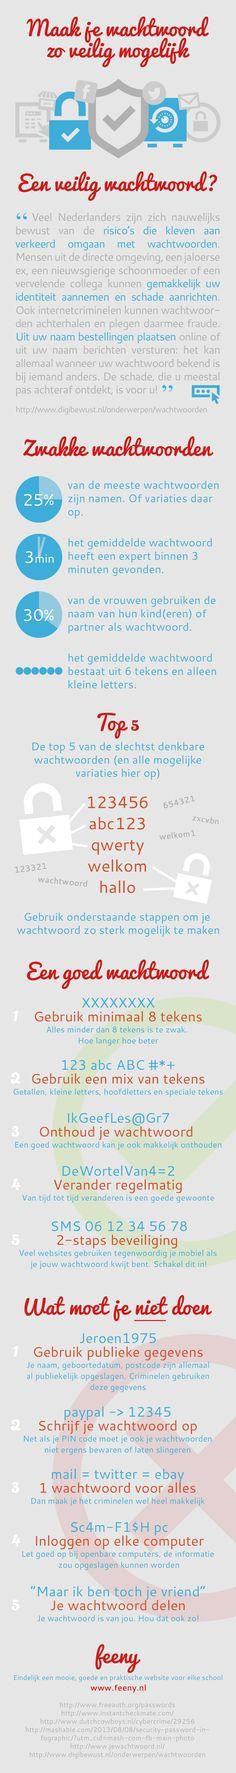 Zo maak je wachtwoorden zo veilig mogelijk!! #infographic